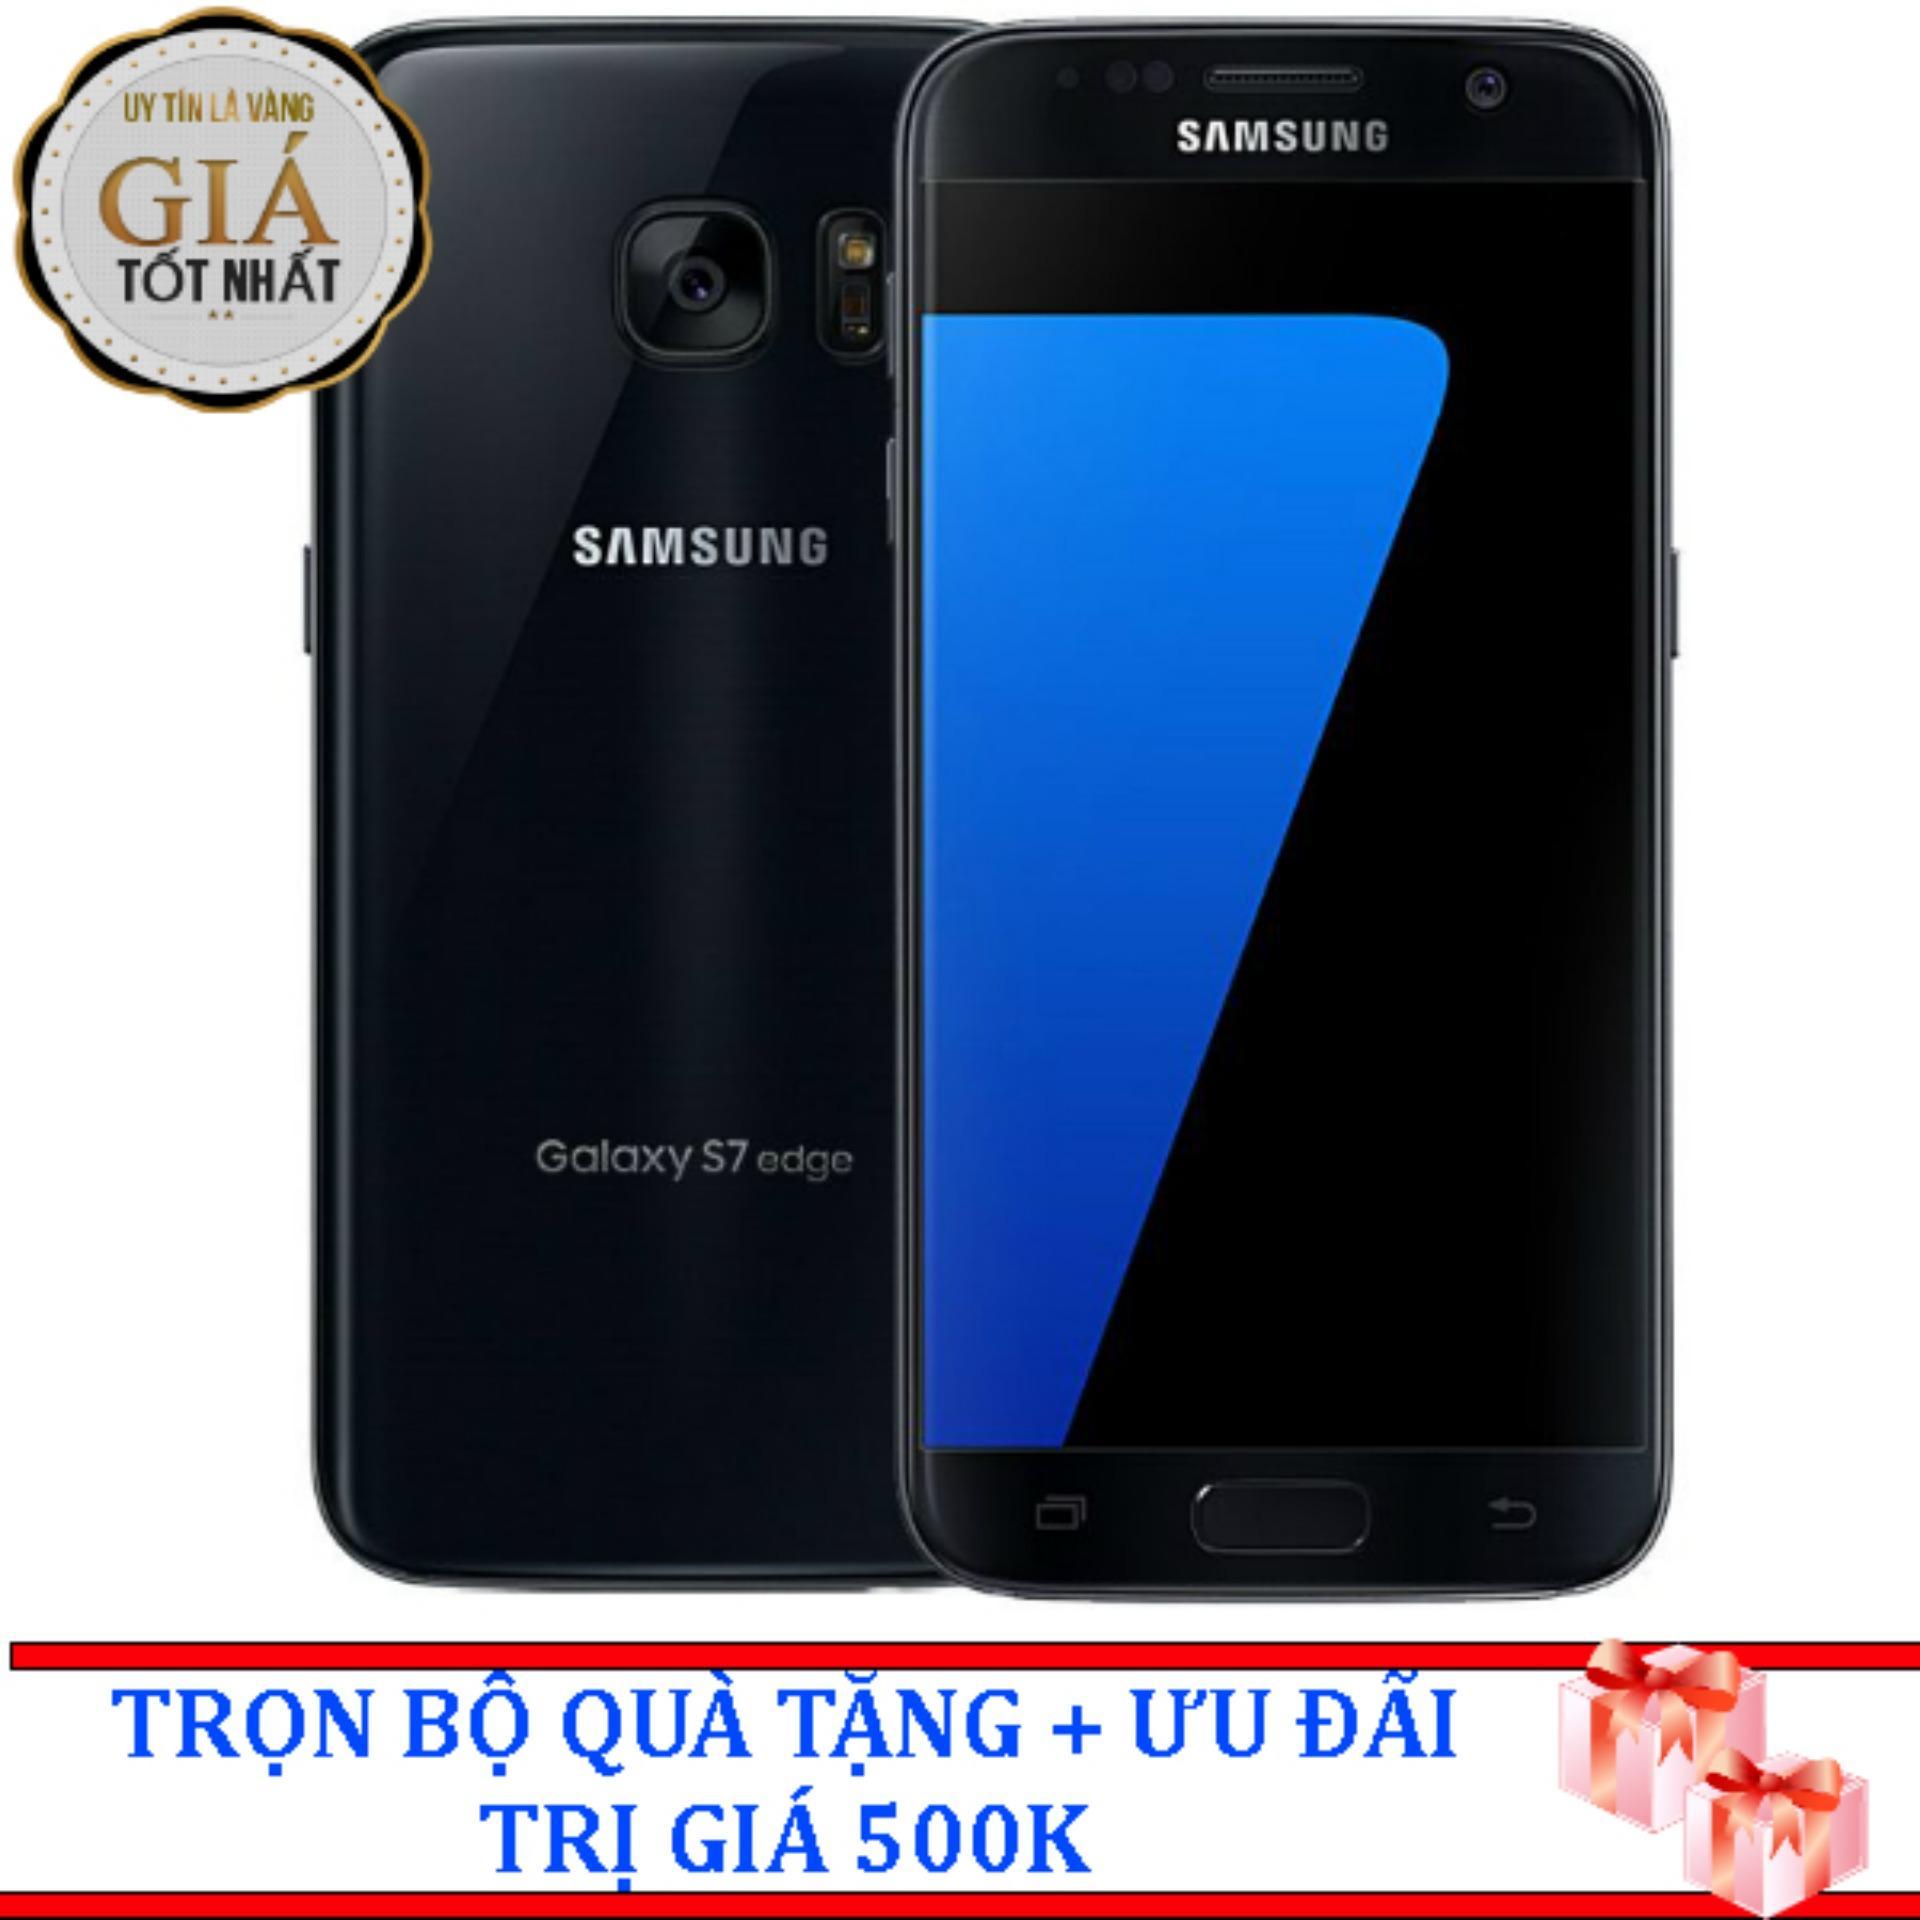 Mua Samsung Galaxy S7 Edge 32Gb Đen Hang Nhập Khẩu Tặng Tai Nghe Bluetooth